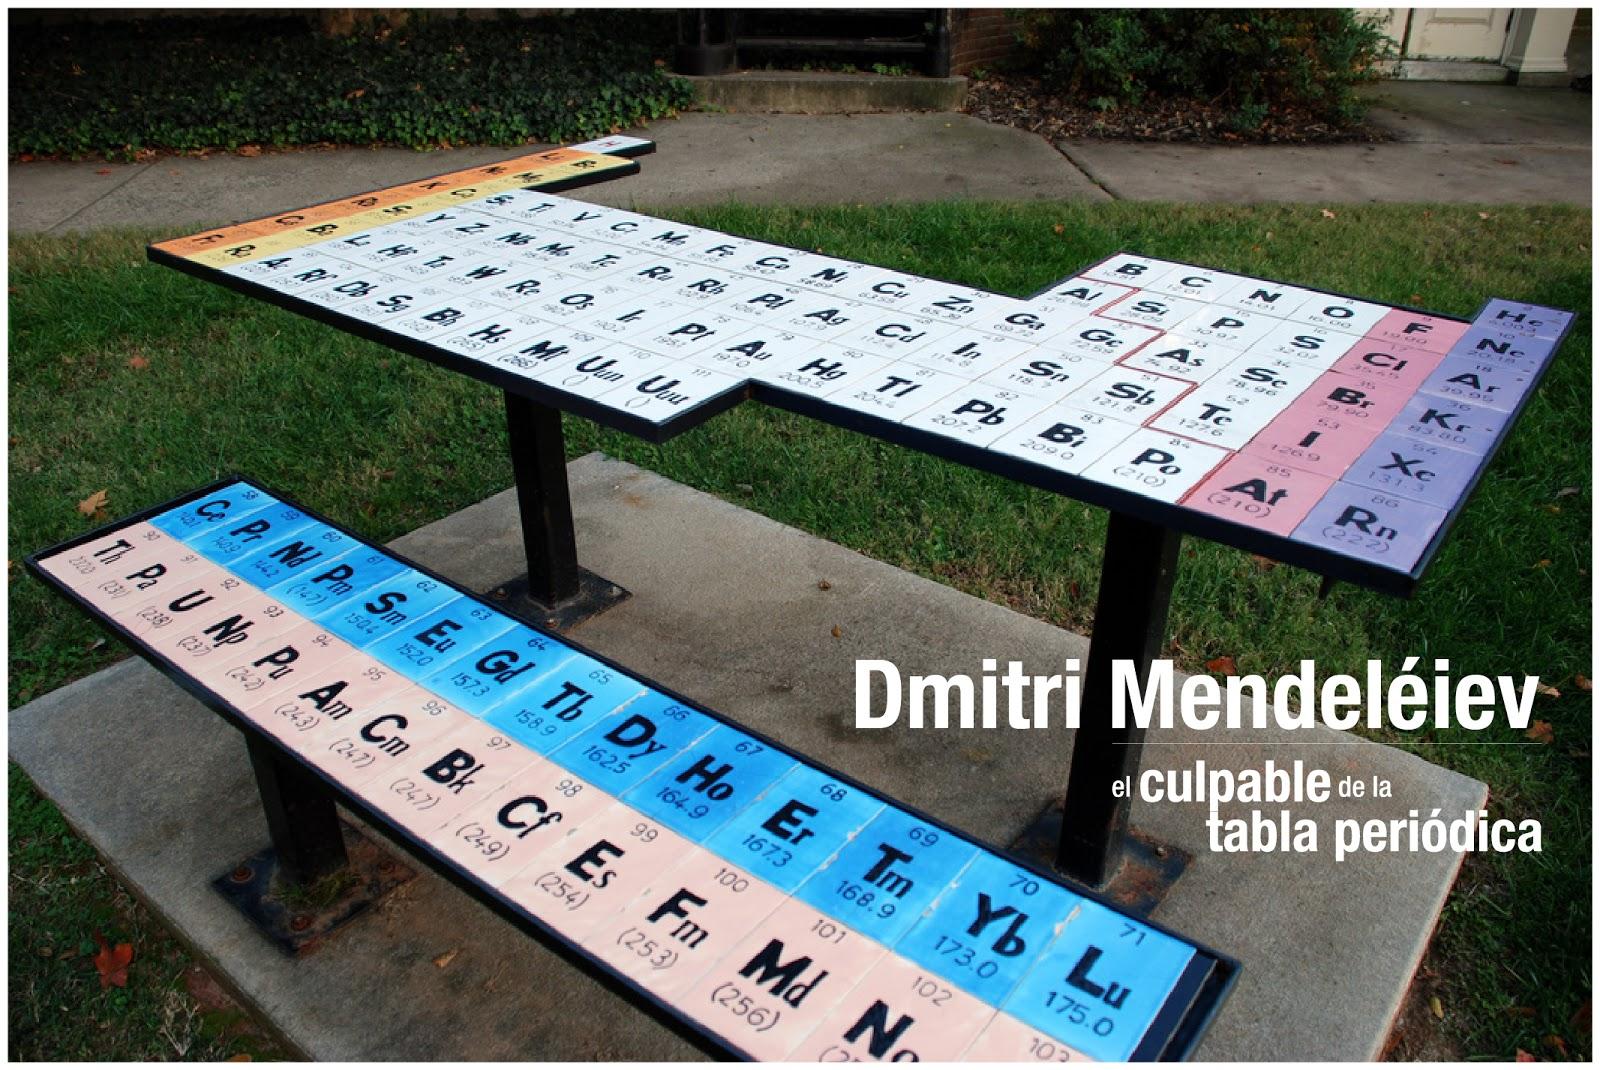 Museo interactivo de ciencia dmitri mendeliev el culpable de la el ruso dimitri ivanovich mendeliev logr clasificar los elementos qumicos por el valor creciente de sus masas atmicas as los agrup en filas y urtaz Images